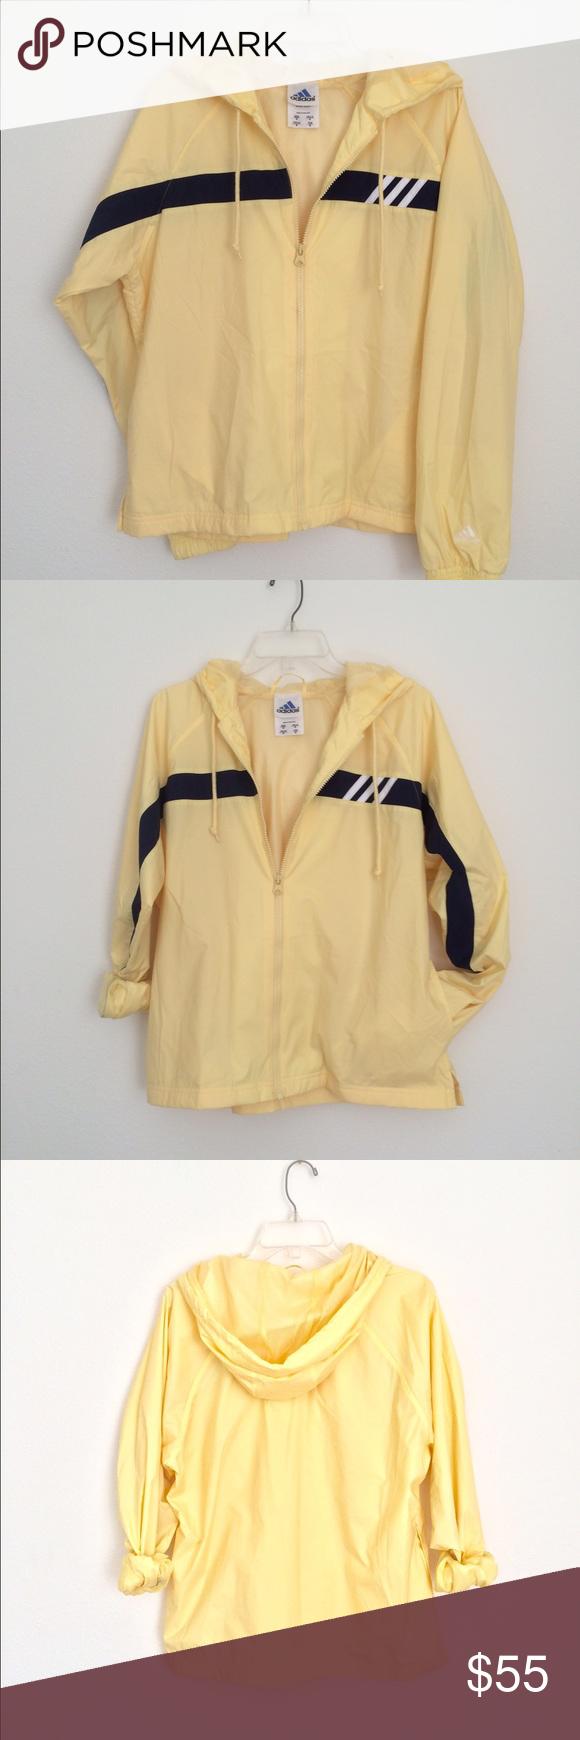 90 adidas giallo chiudi antivento pinterest pastello giallo